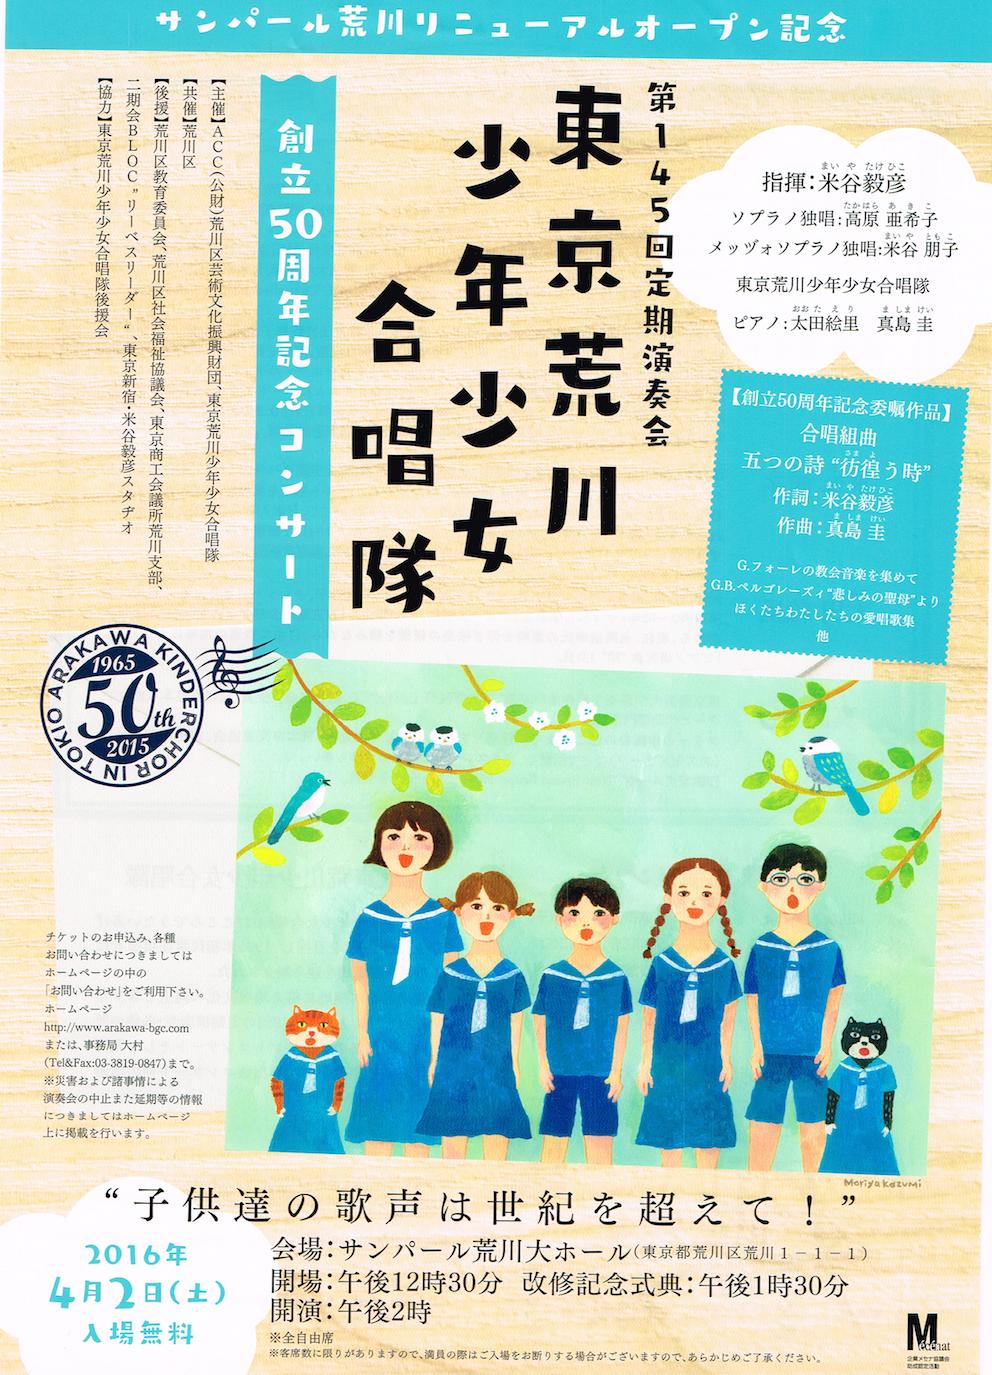 イベント情報 - (4月2日)東京荒川少年少女合唱隊創立50周年記念コンサート(サンパール荒川リニューアルオープン記念)